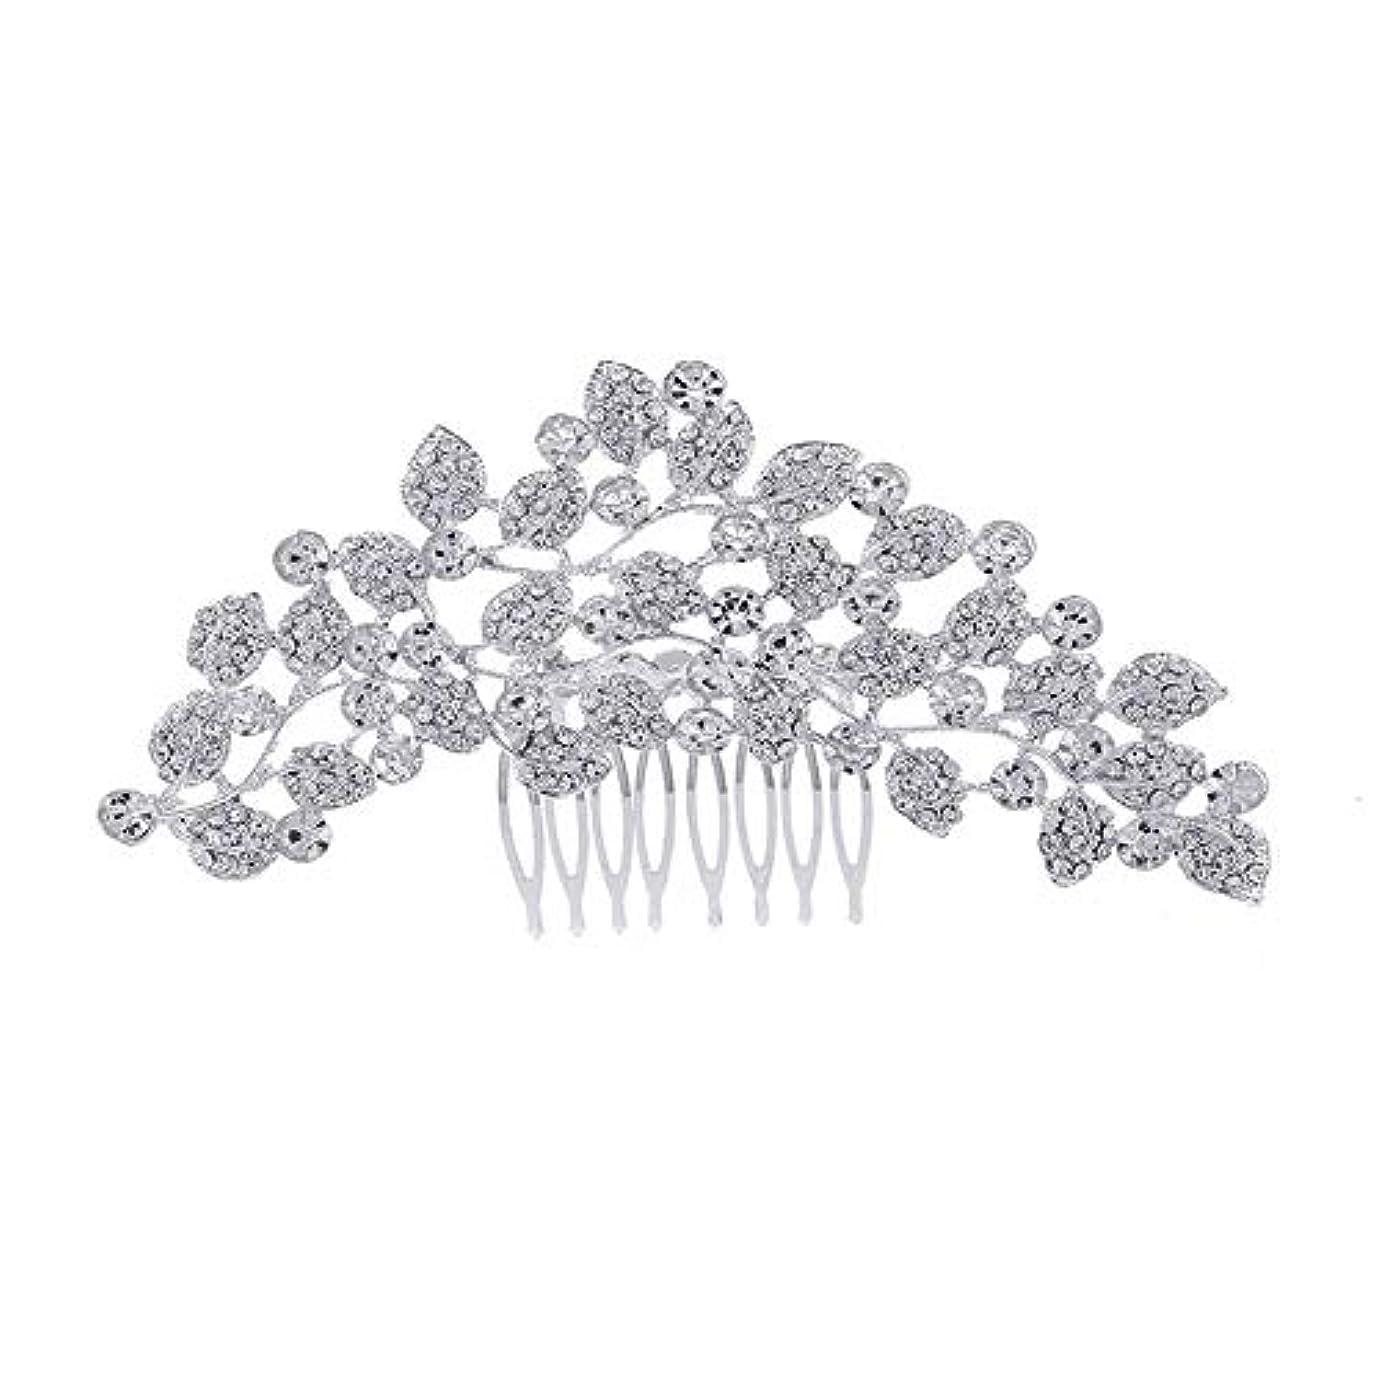 ママ吹雪キャンドル髪の櫛、櫛、ブライダル髪、櫛、髪の櫛、ラインストーンの櫛、葉の髪の櫛、結婚式の髪の櫛